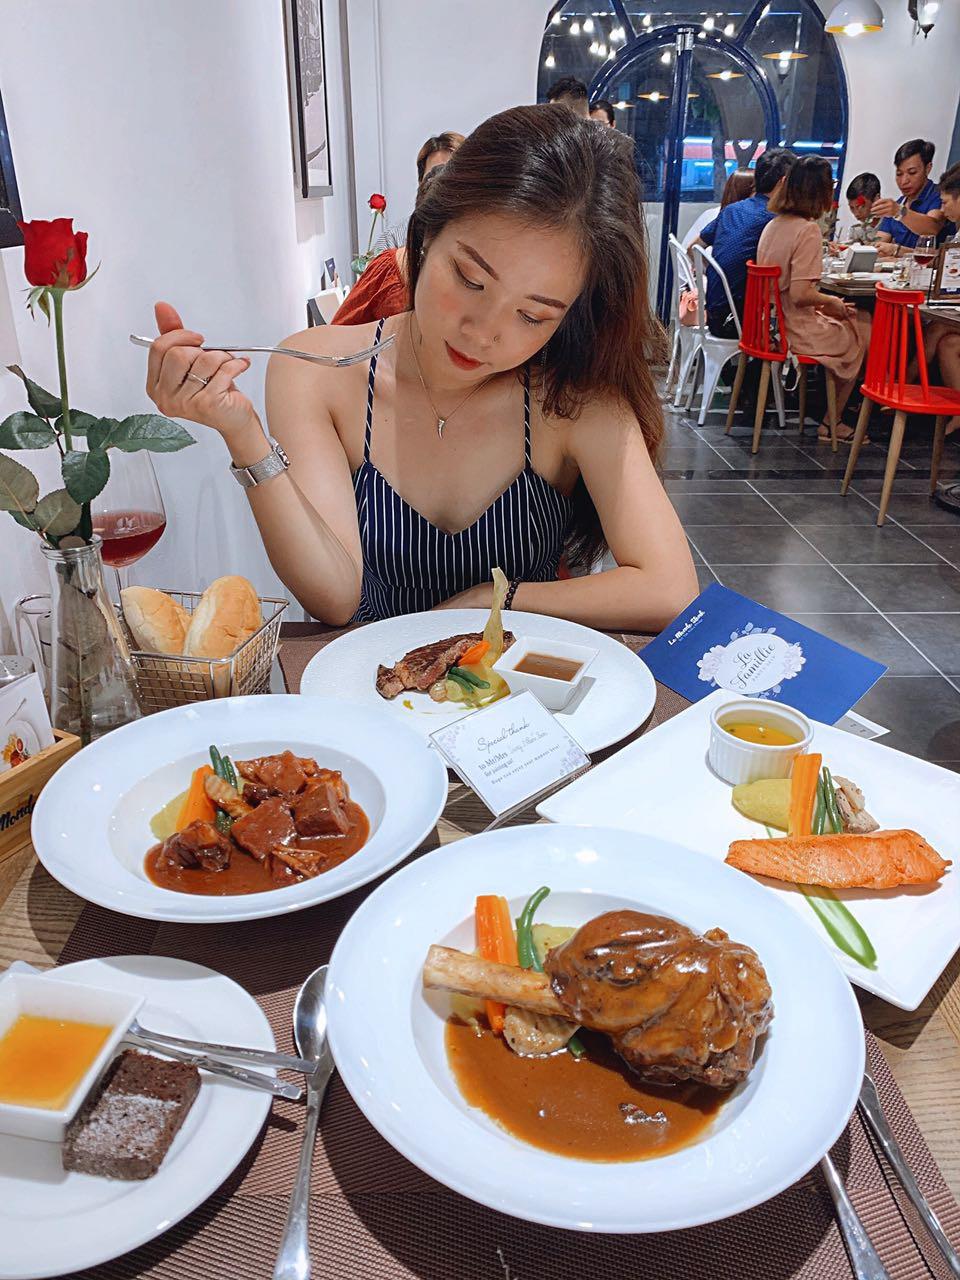 Có gì ở quán steak kiểu Pháp mà Heominhon, Kiên Hoàng, Trang Nhím Tròn… đều kéo nhau checkin rần rần? - Ảnh 3.